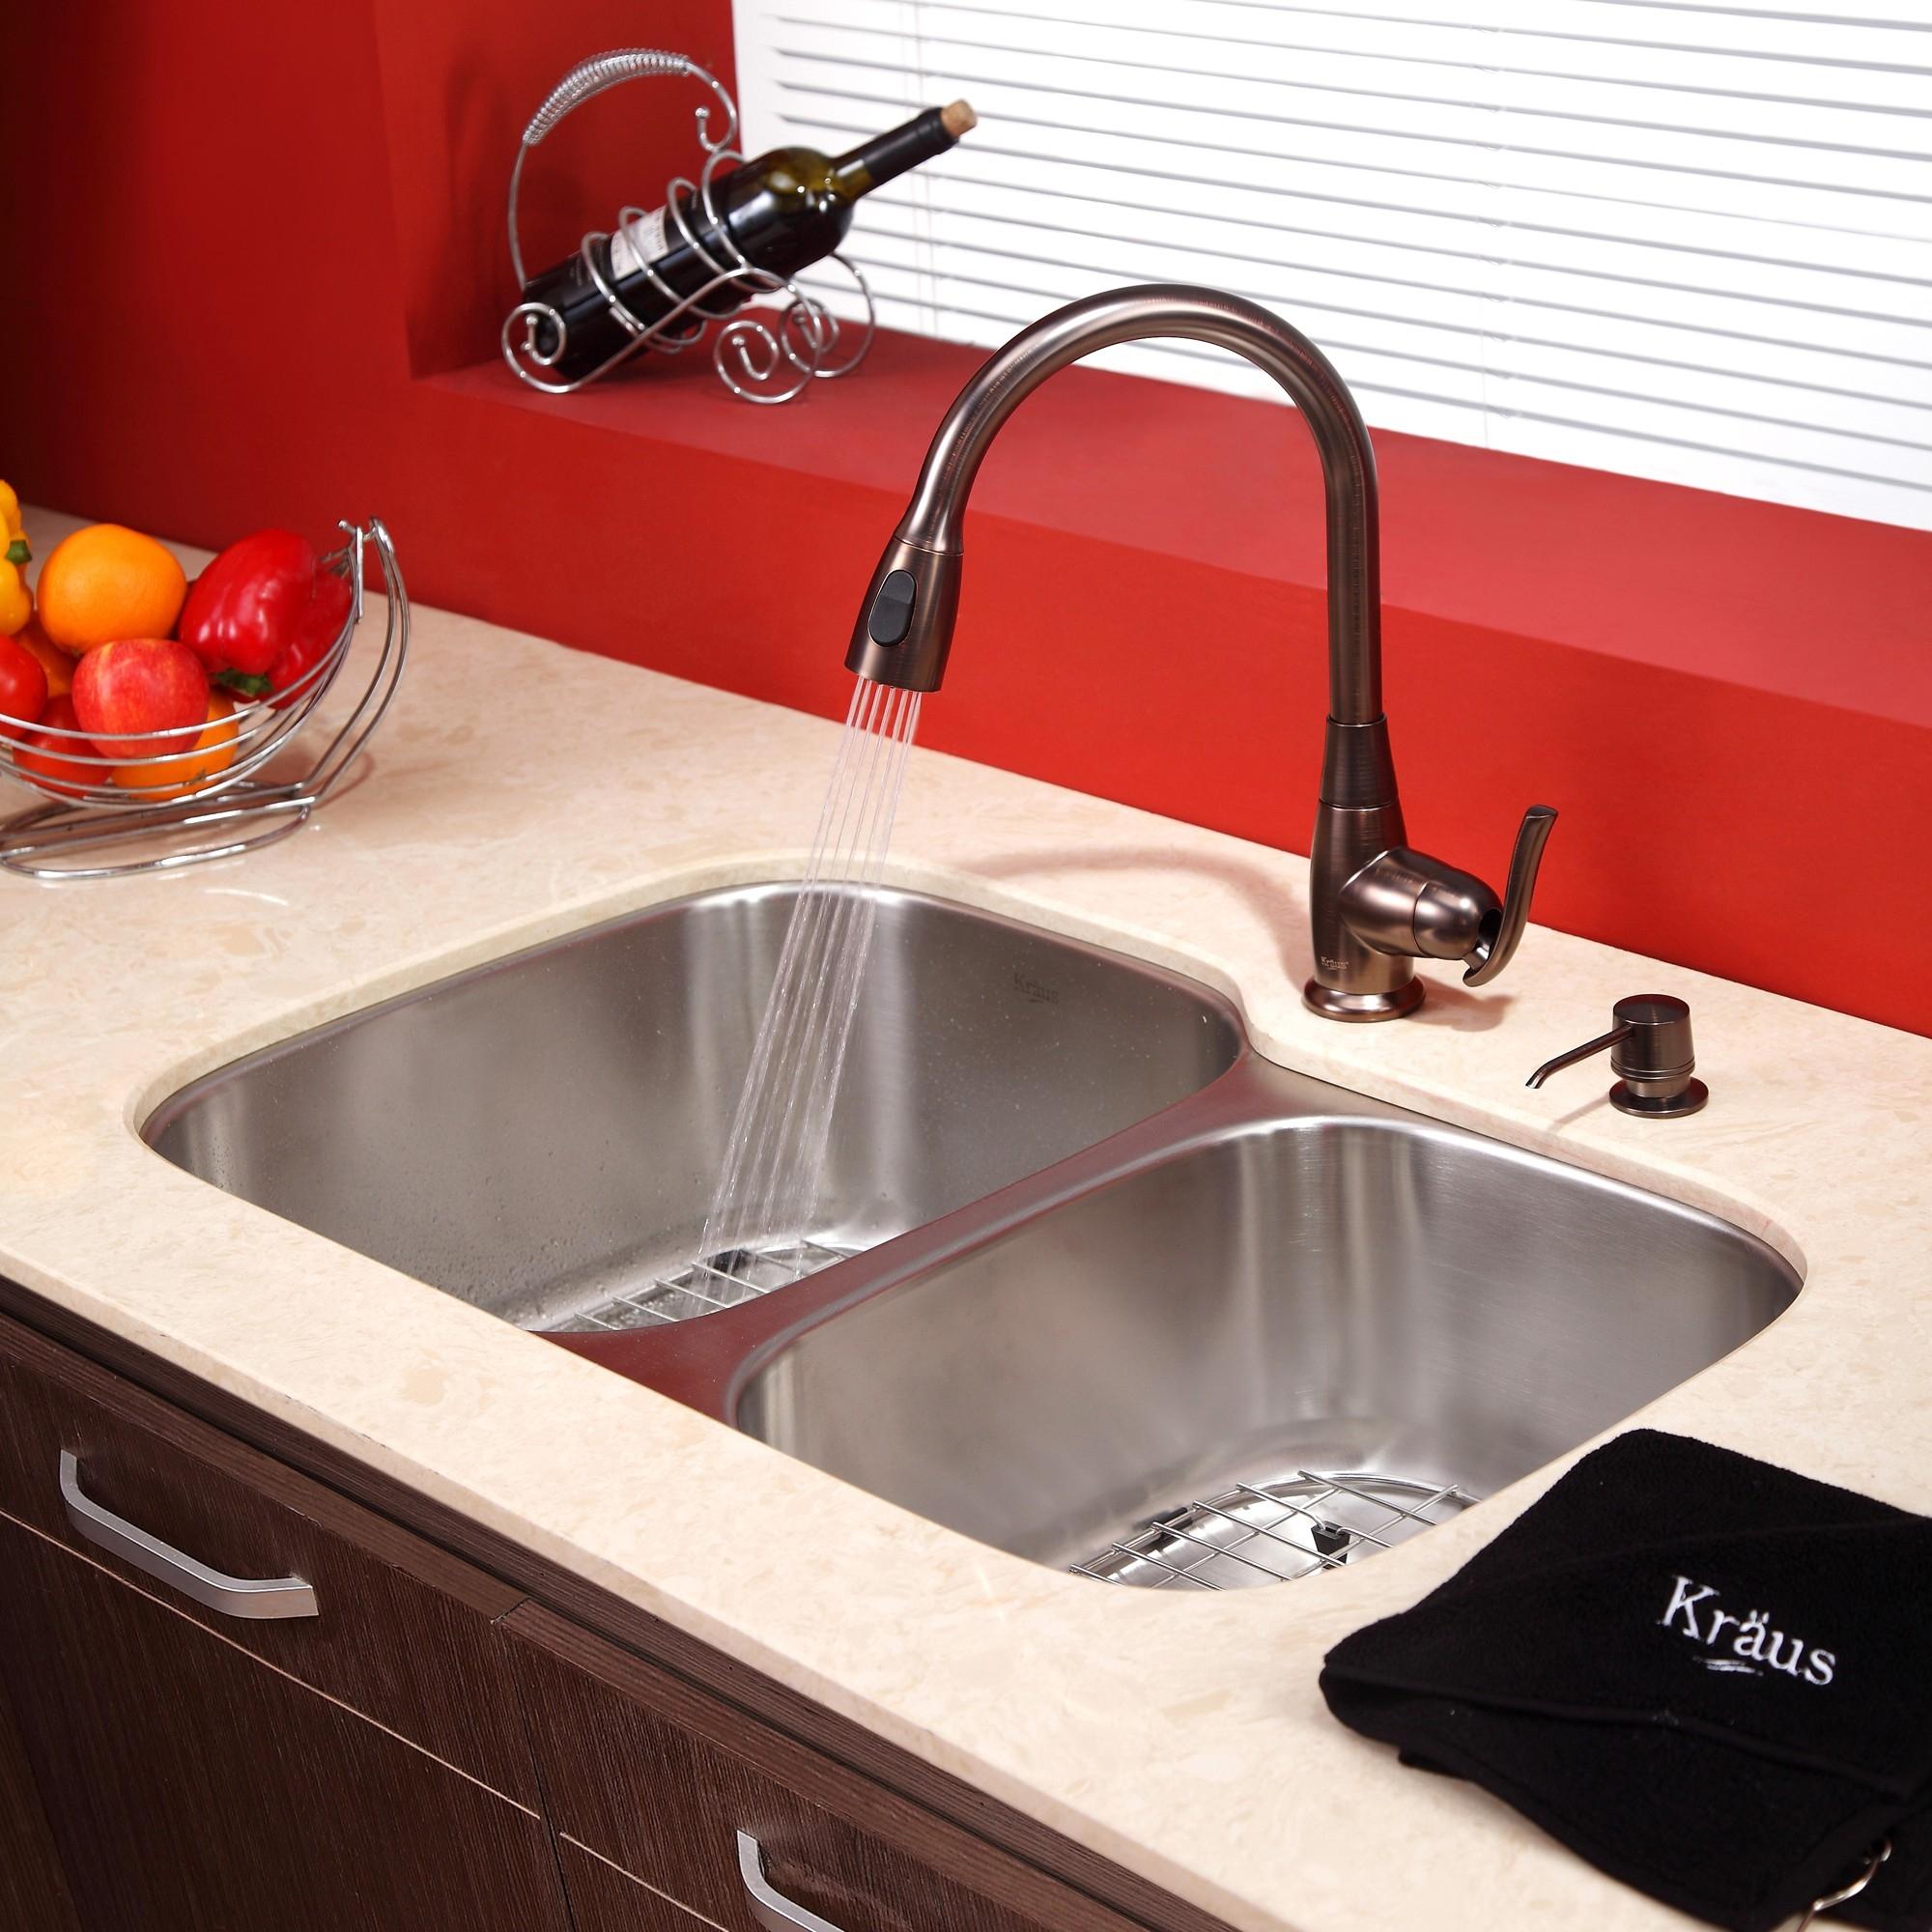 red kitchen sink faucets red kitchen sink faucets stainless steel kitchen sink combination kraususa 2000 x 2000